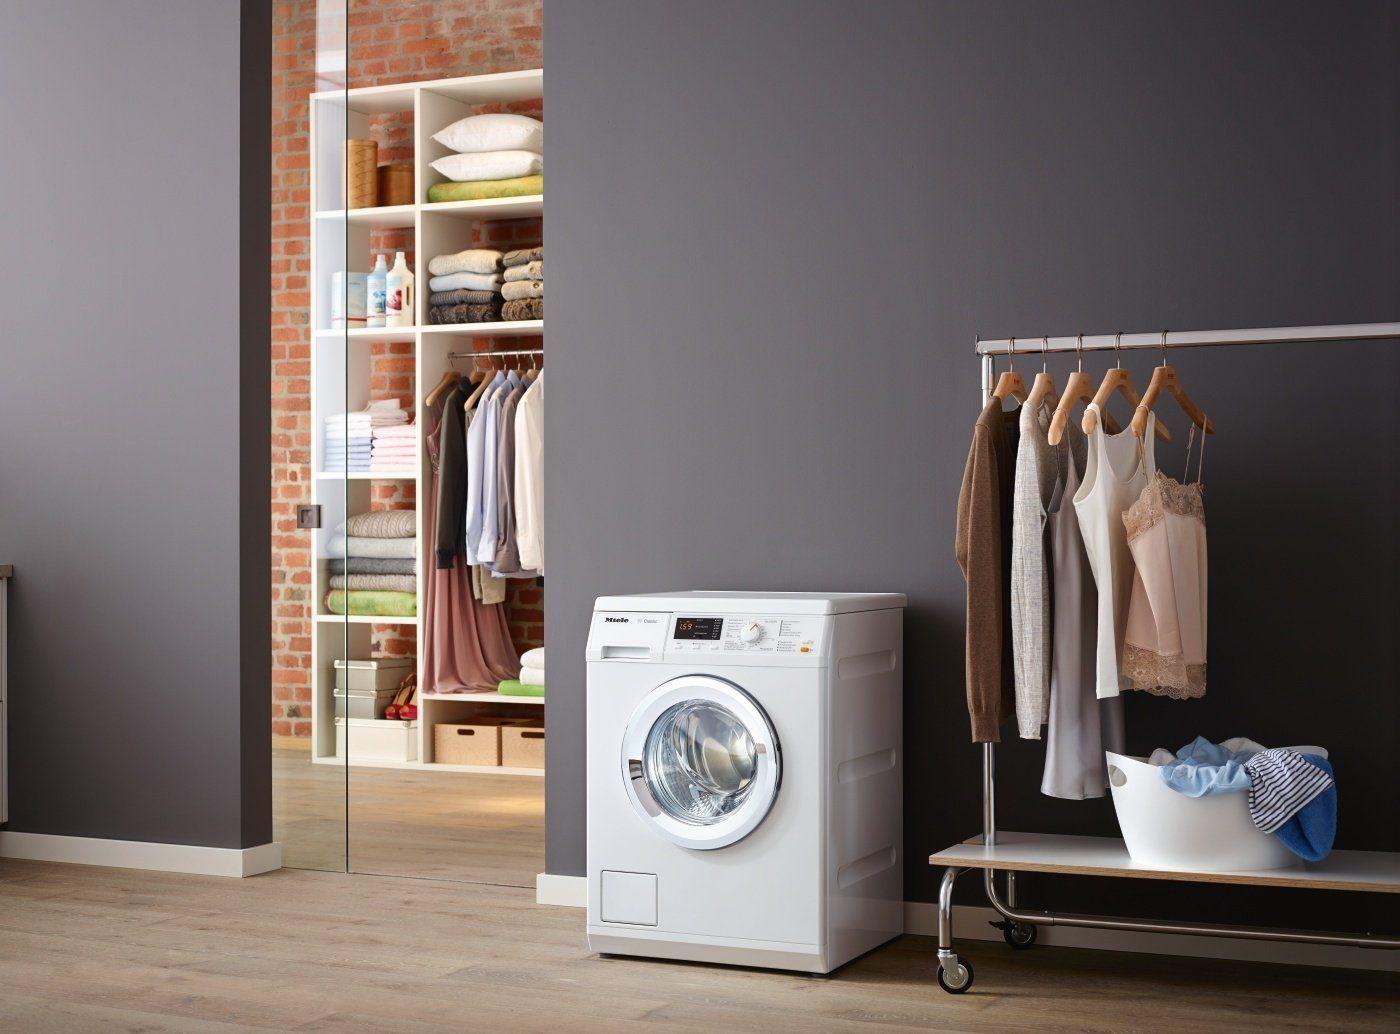 samsung waschmaschine das sind die waschmaschinen von samsung expertentesten. Black Bedroom Furniture Sets. Home Design Ideas